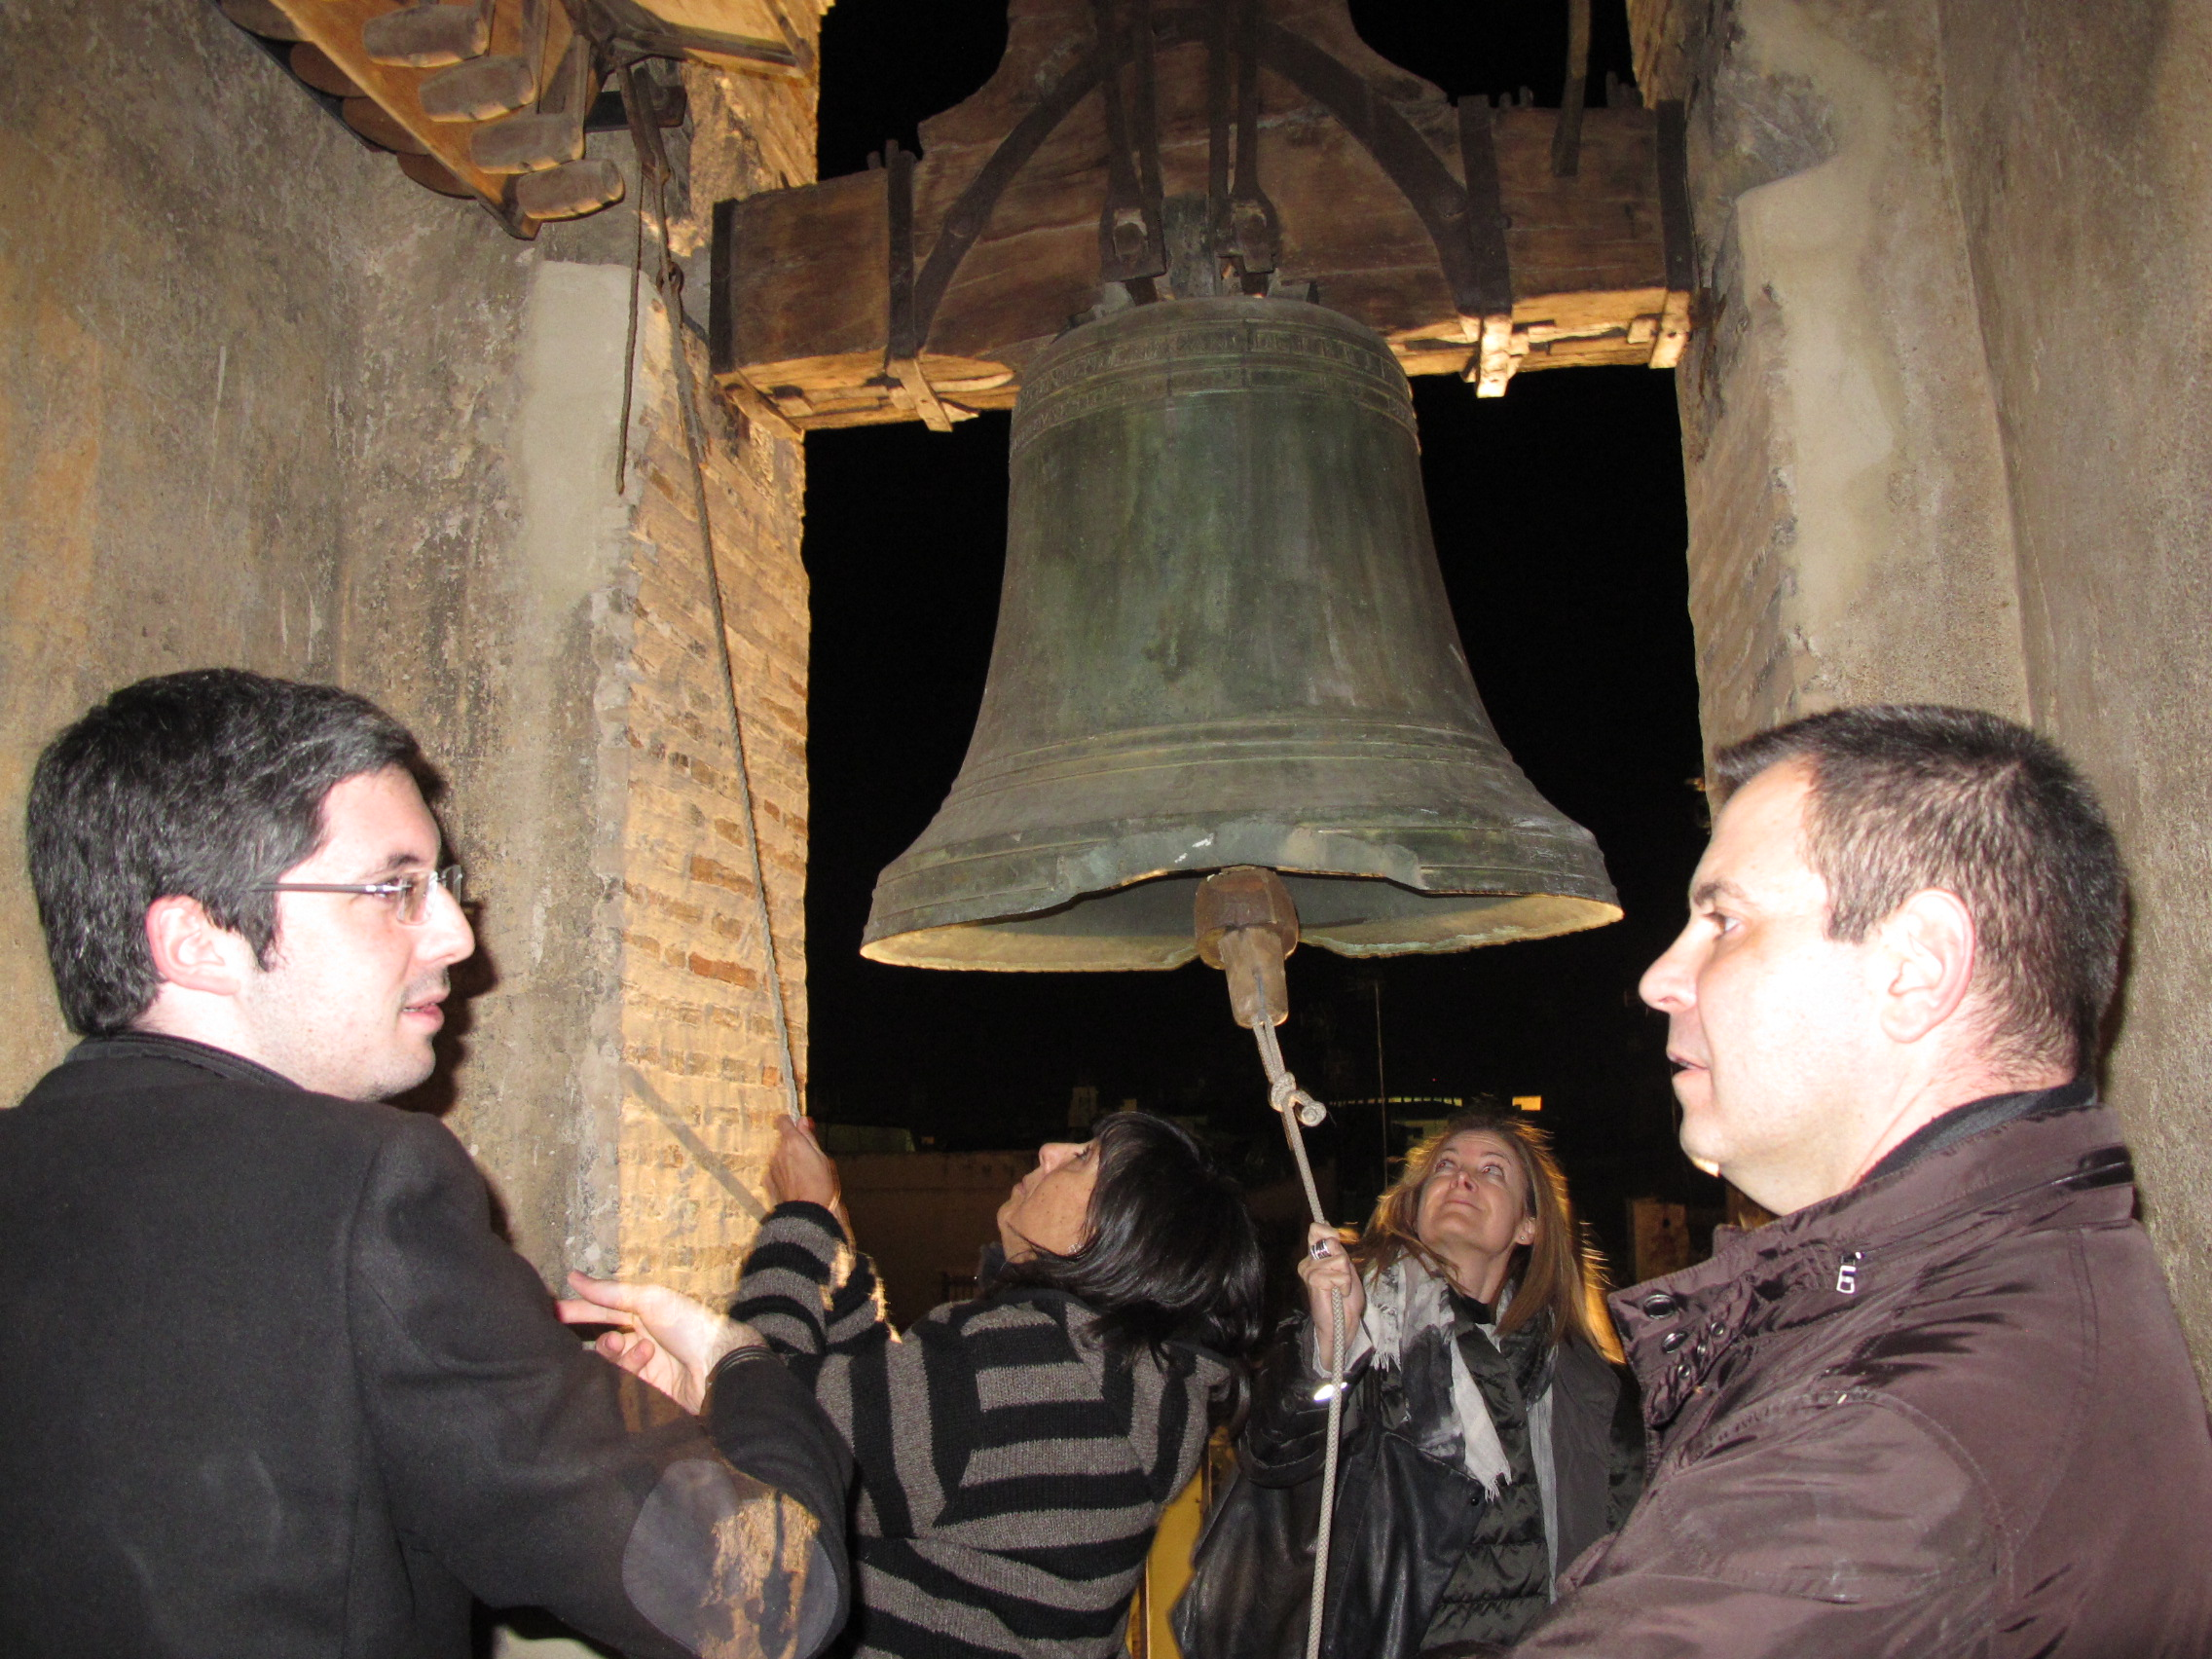 Equipo campanas en la región vitivinícola Utiel Requena